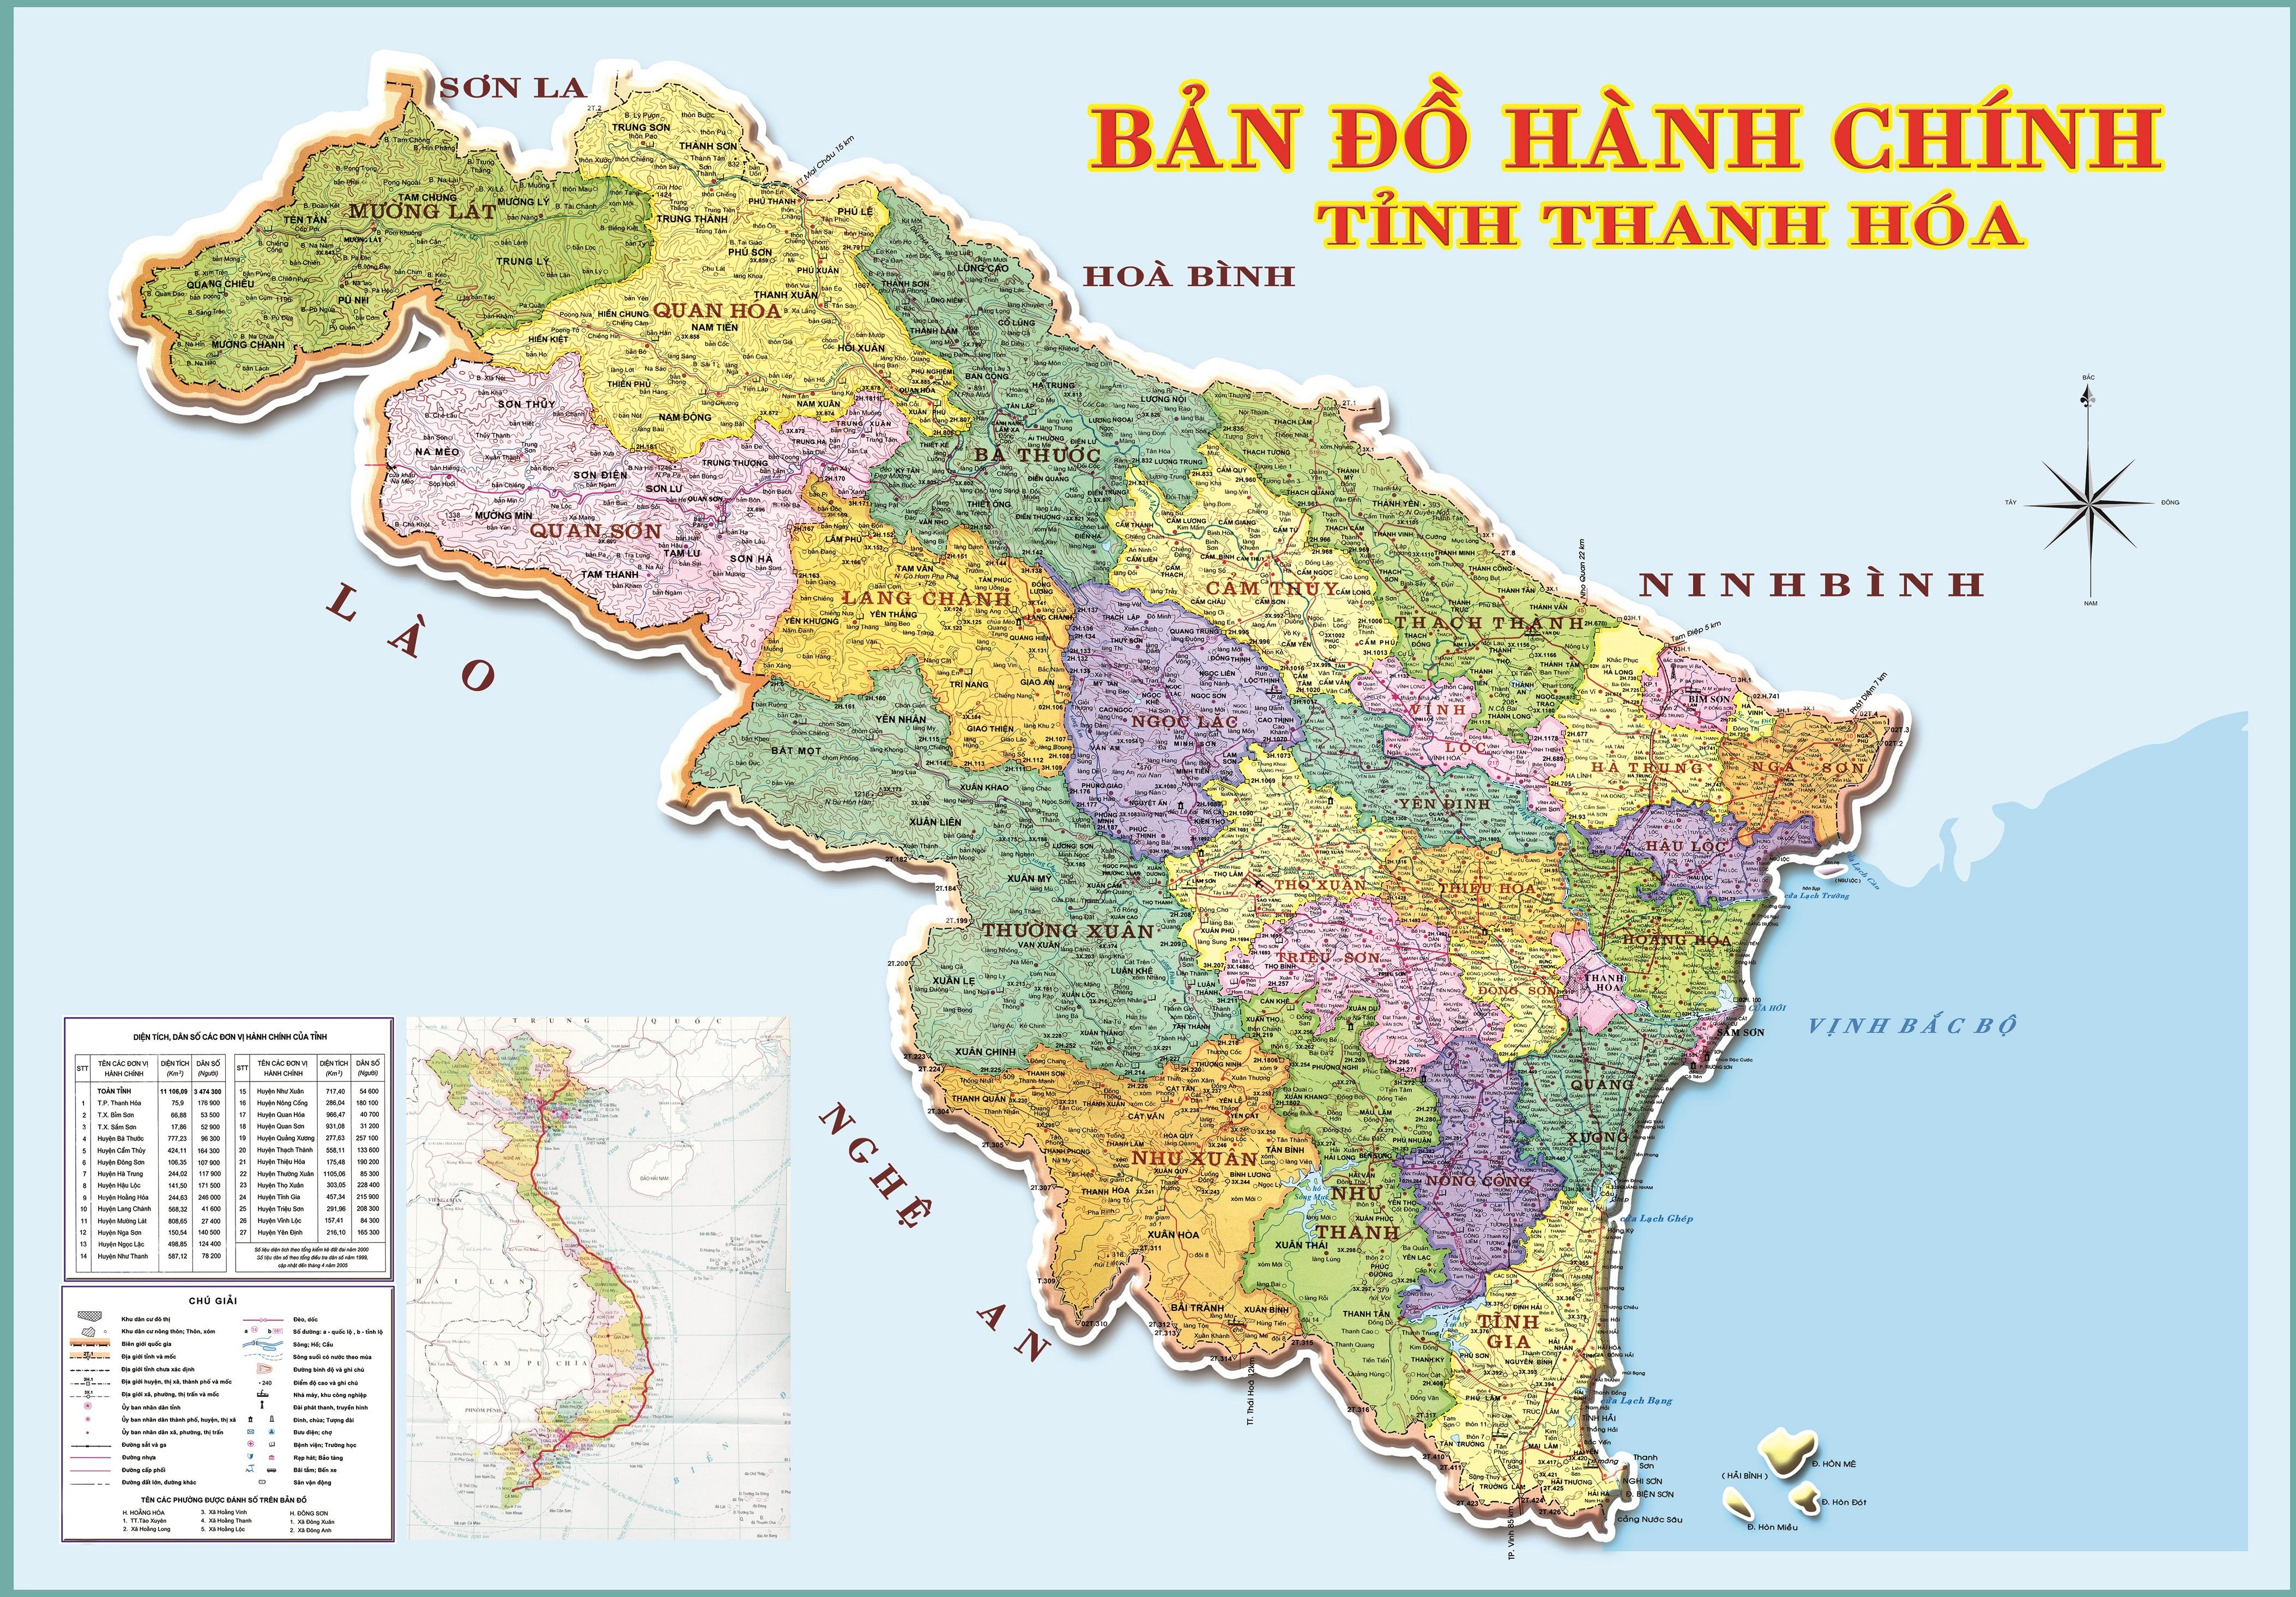 Bản đồ hành chính các xã tại tỉnh Thanh Hoá